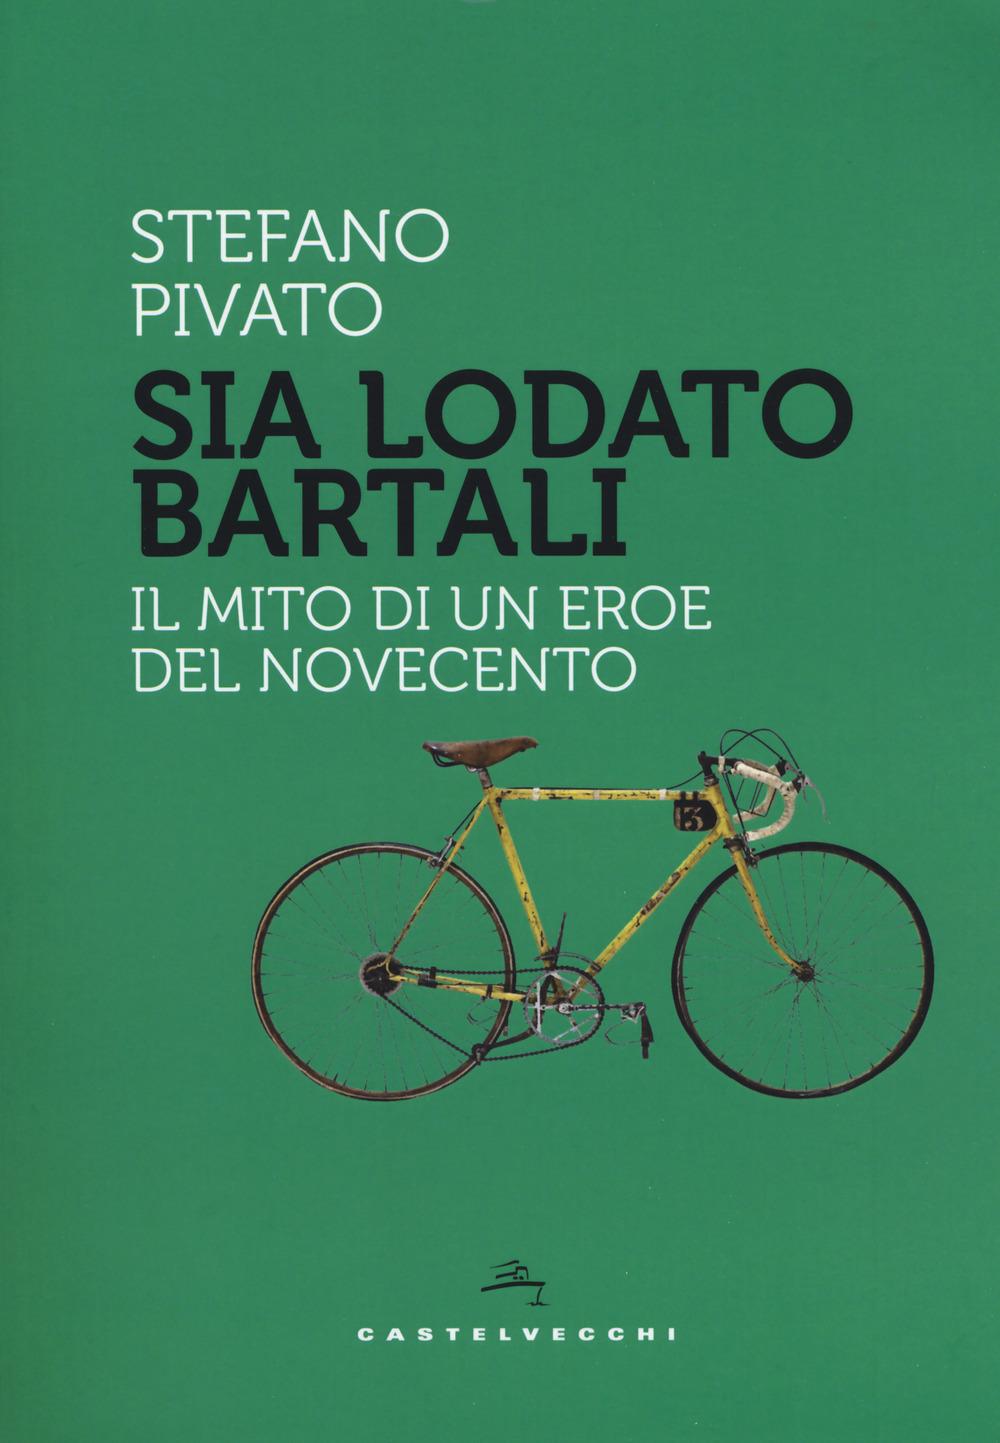 SIA LODATO BARTALI - STEFANO PIVATO - 9788832823554